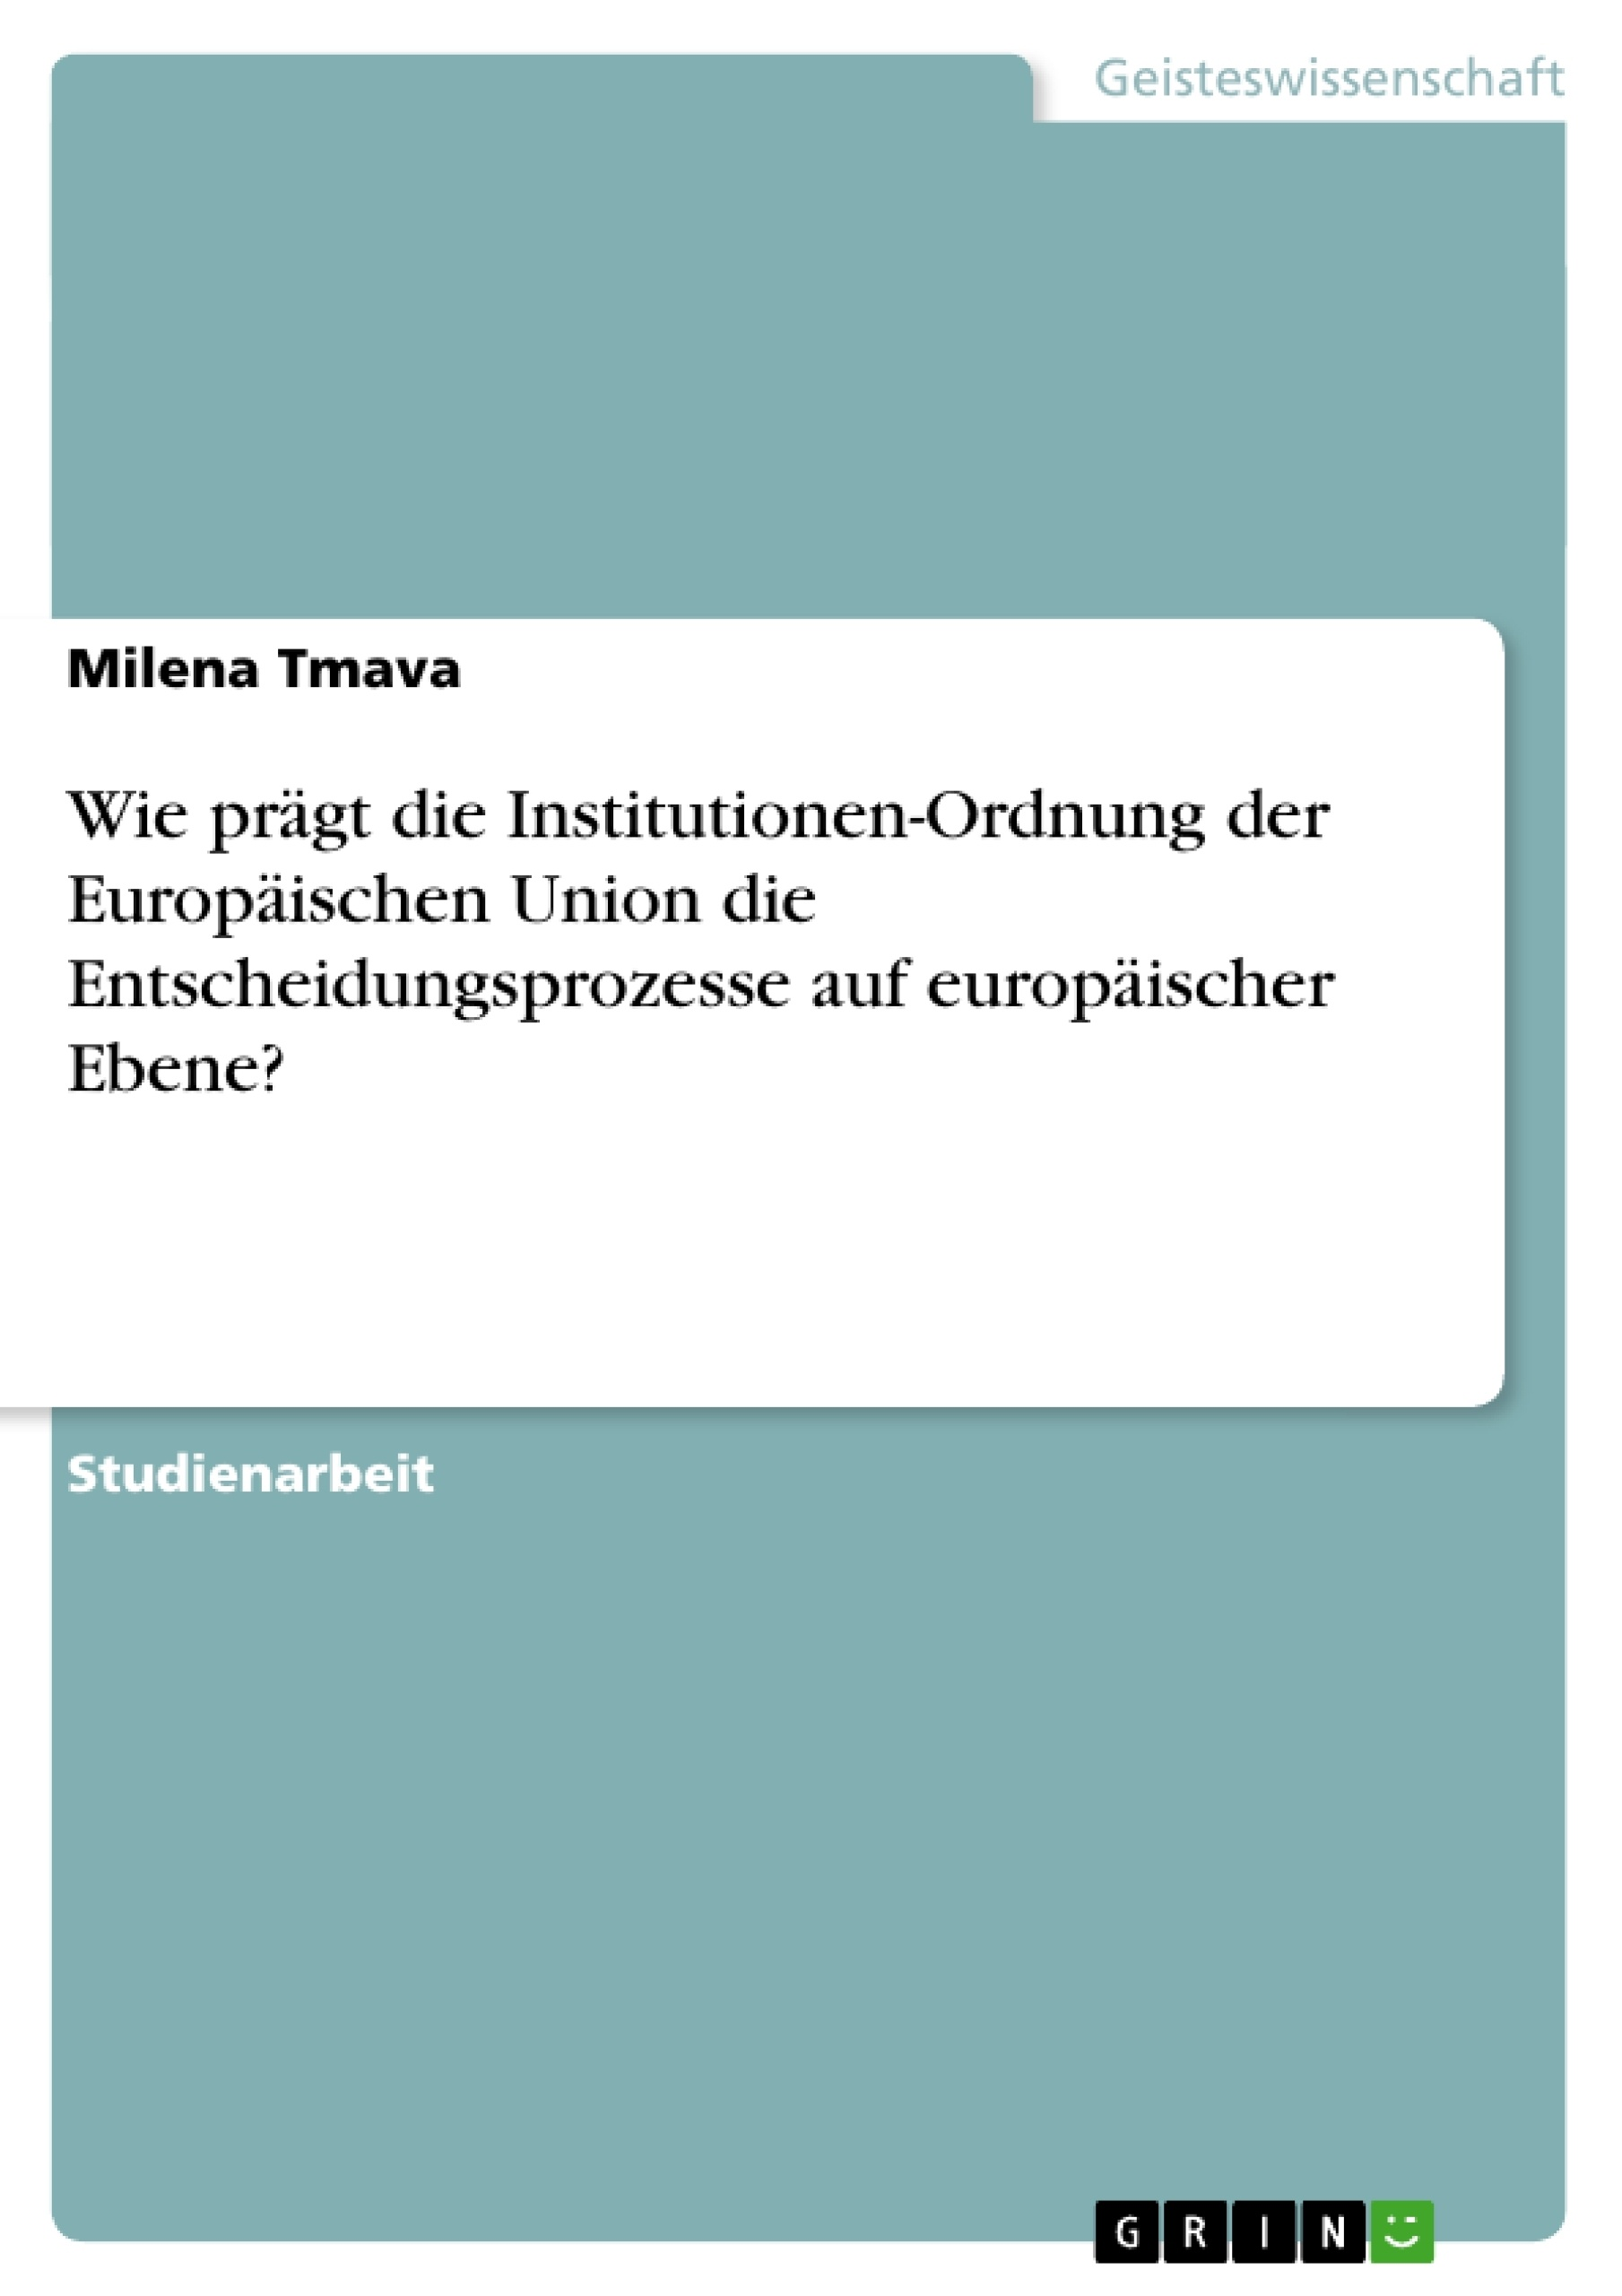 Titel: Wie prägt die Institutionen-Ordnung der Europäischen Union die Entscheidungsprozesse auf europäischer Ebene?